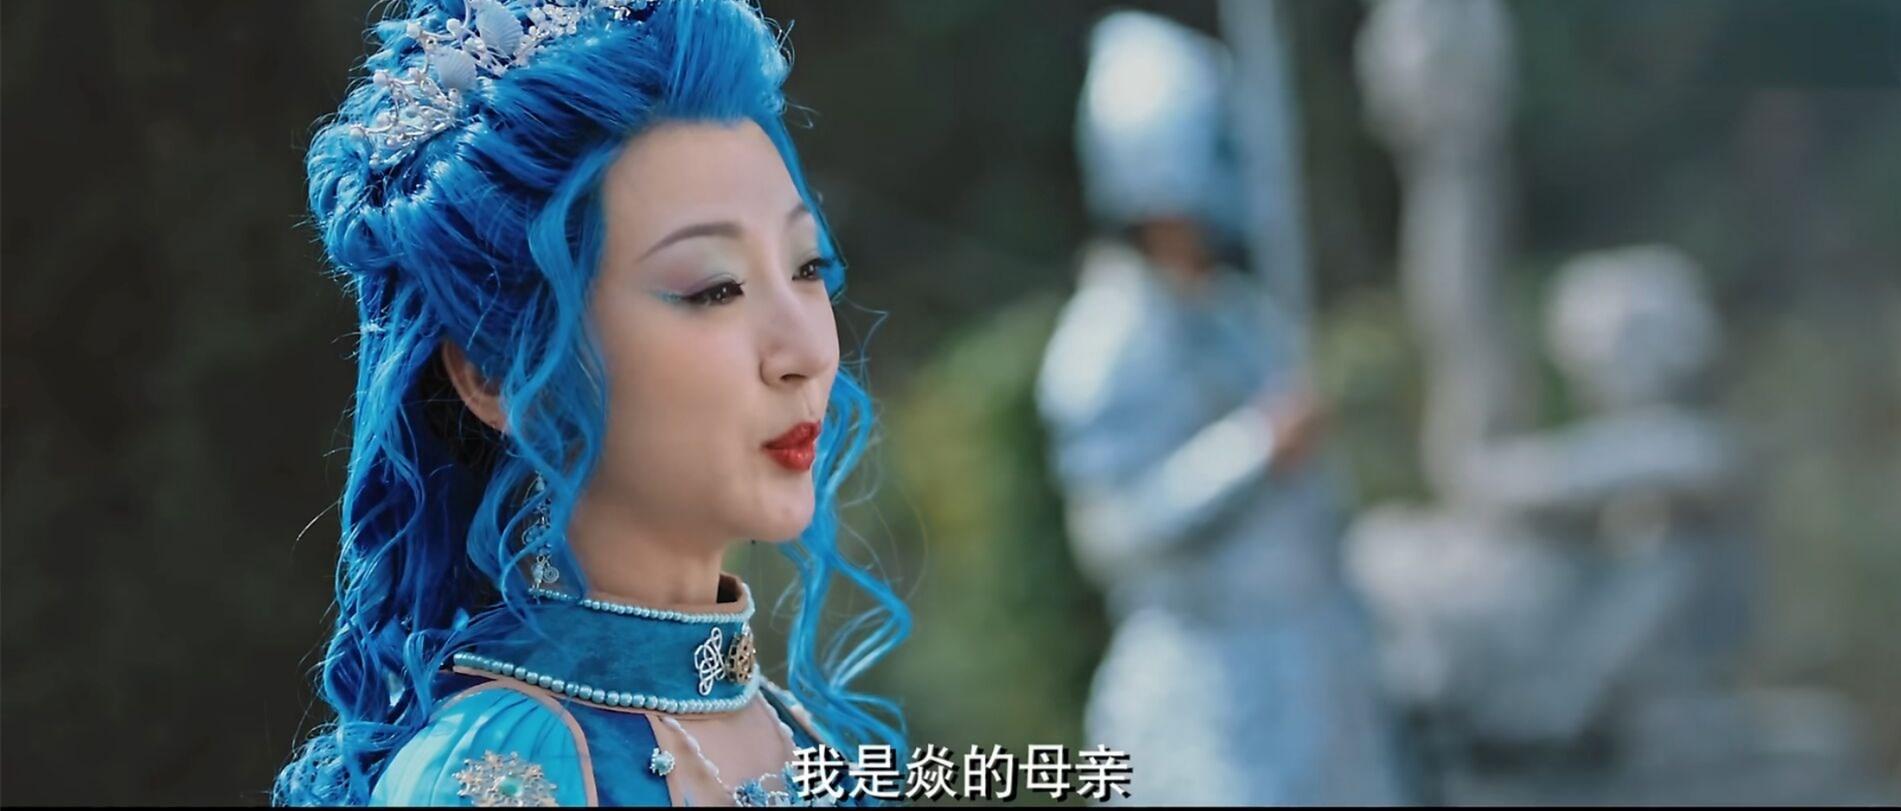 《海大鱼》首播:鲲成主角特效获好评,张予曦韩栋唯美恋颜值耐看